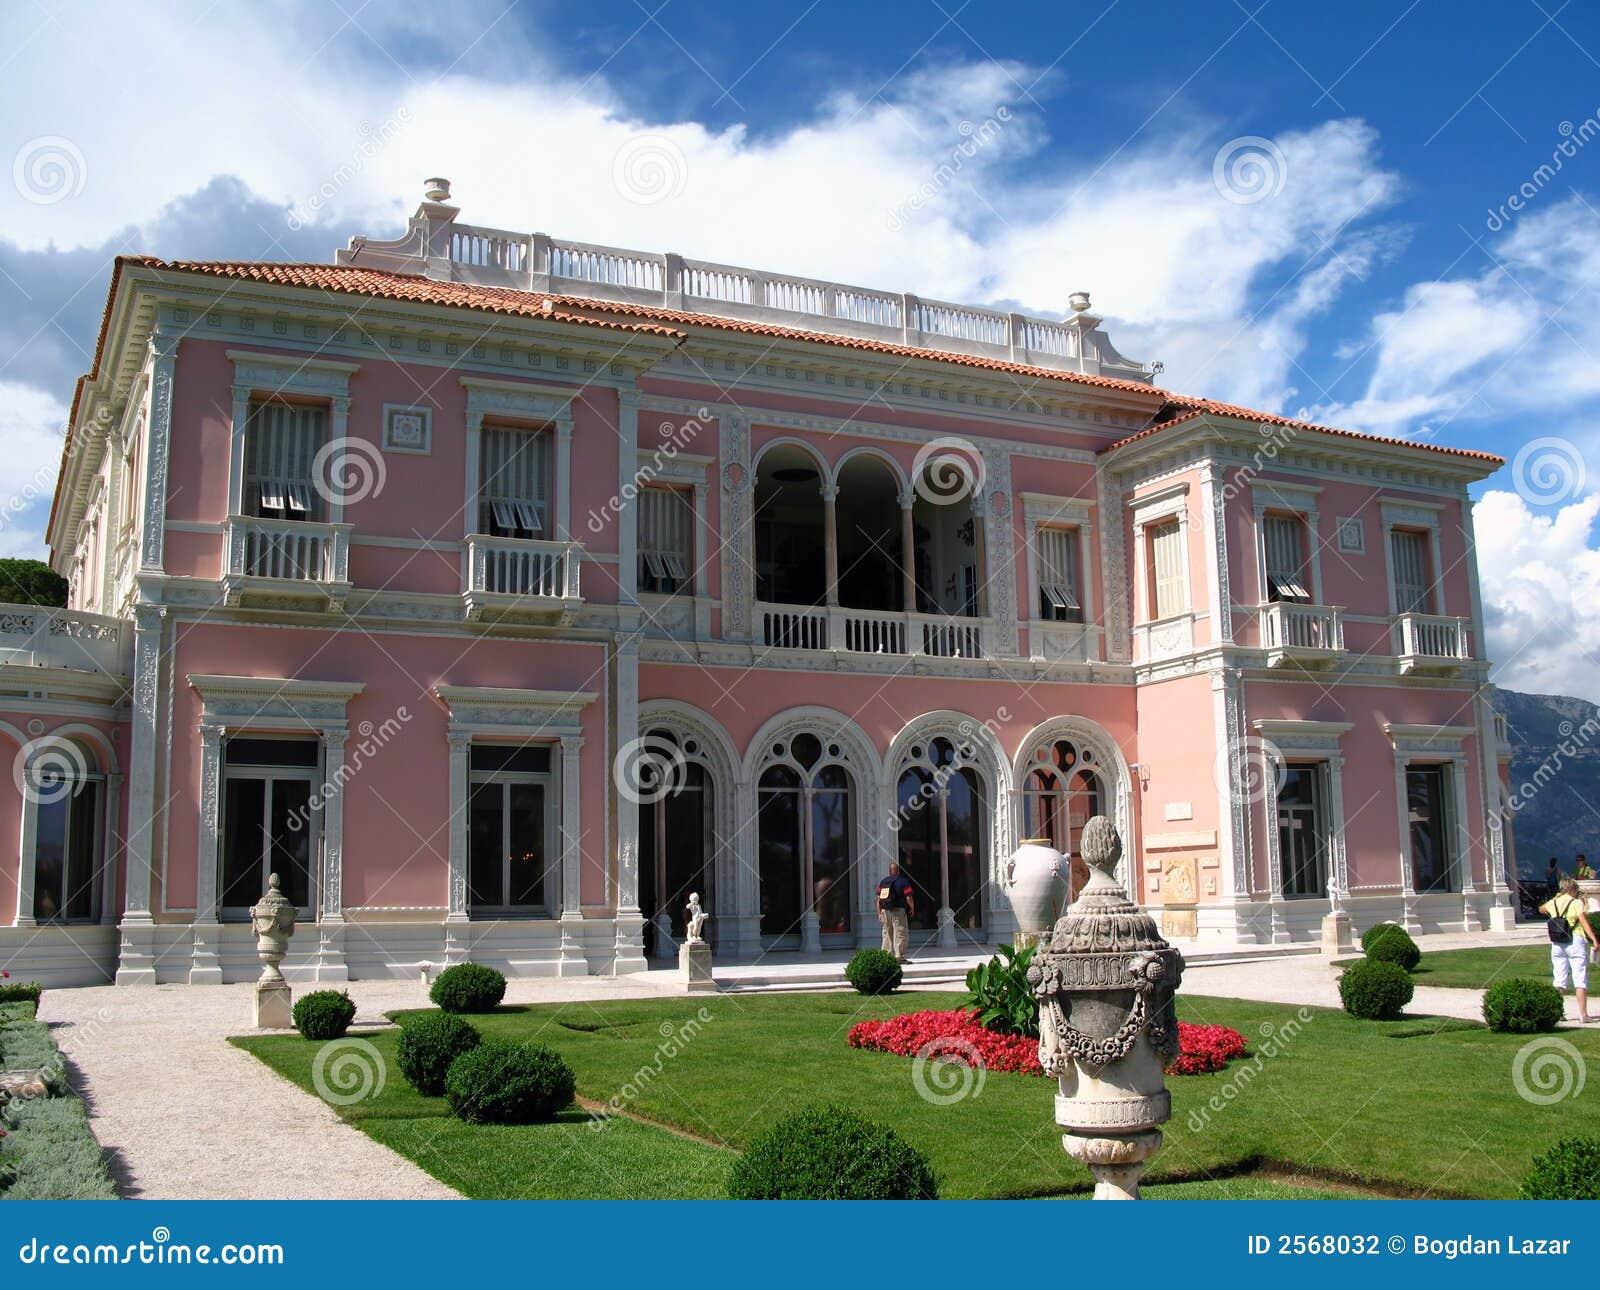 Villa Ephrussi Rothschild Near Nice France Stock Photo